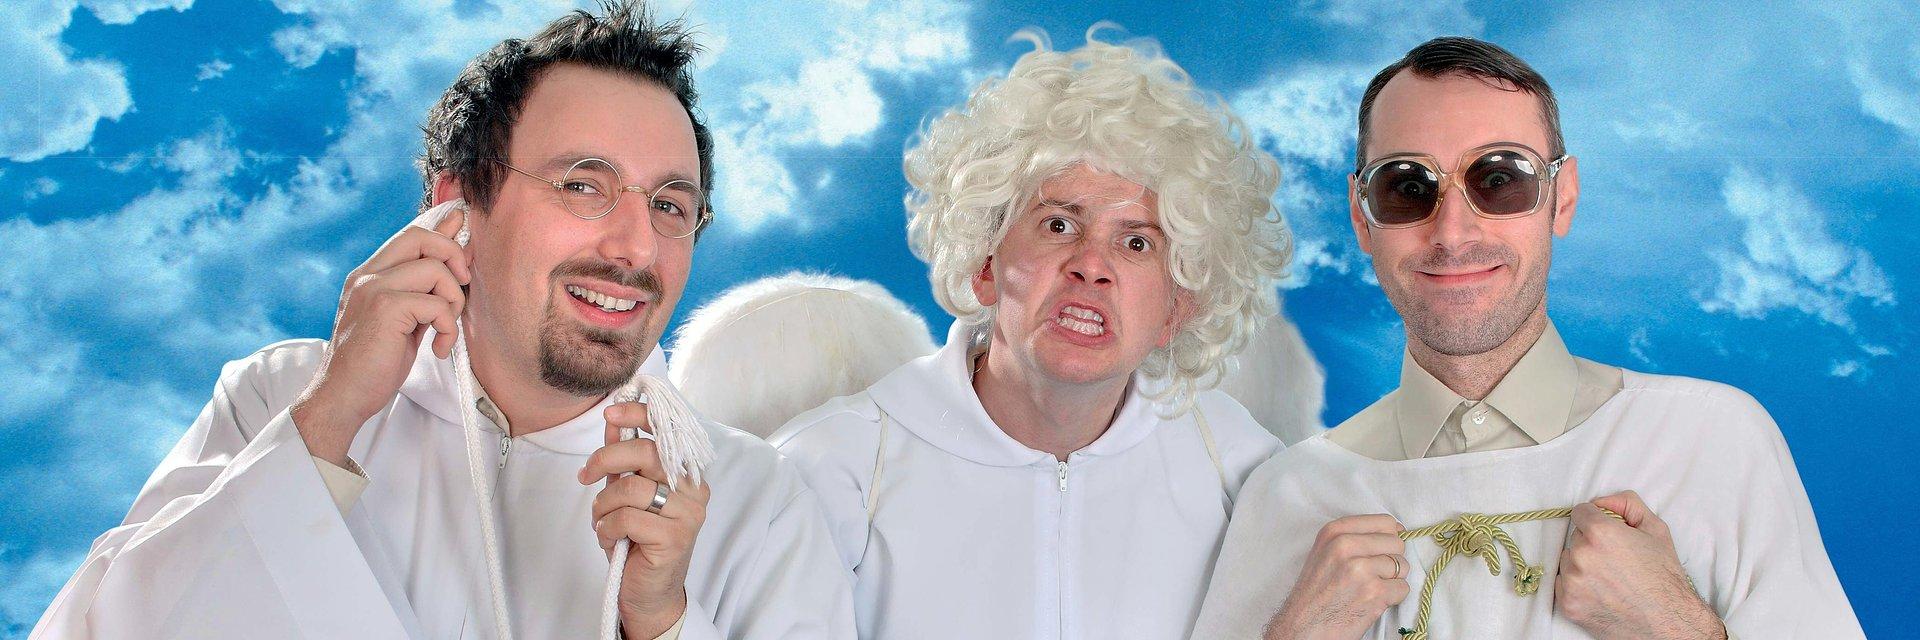 Humor na dobry początek Festiwalu - kabaret Neo-Nówka na ASP